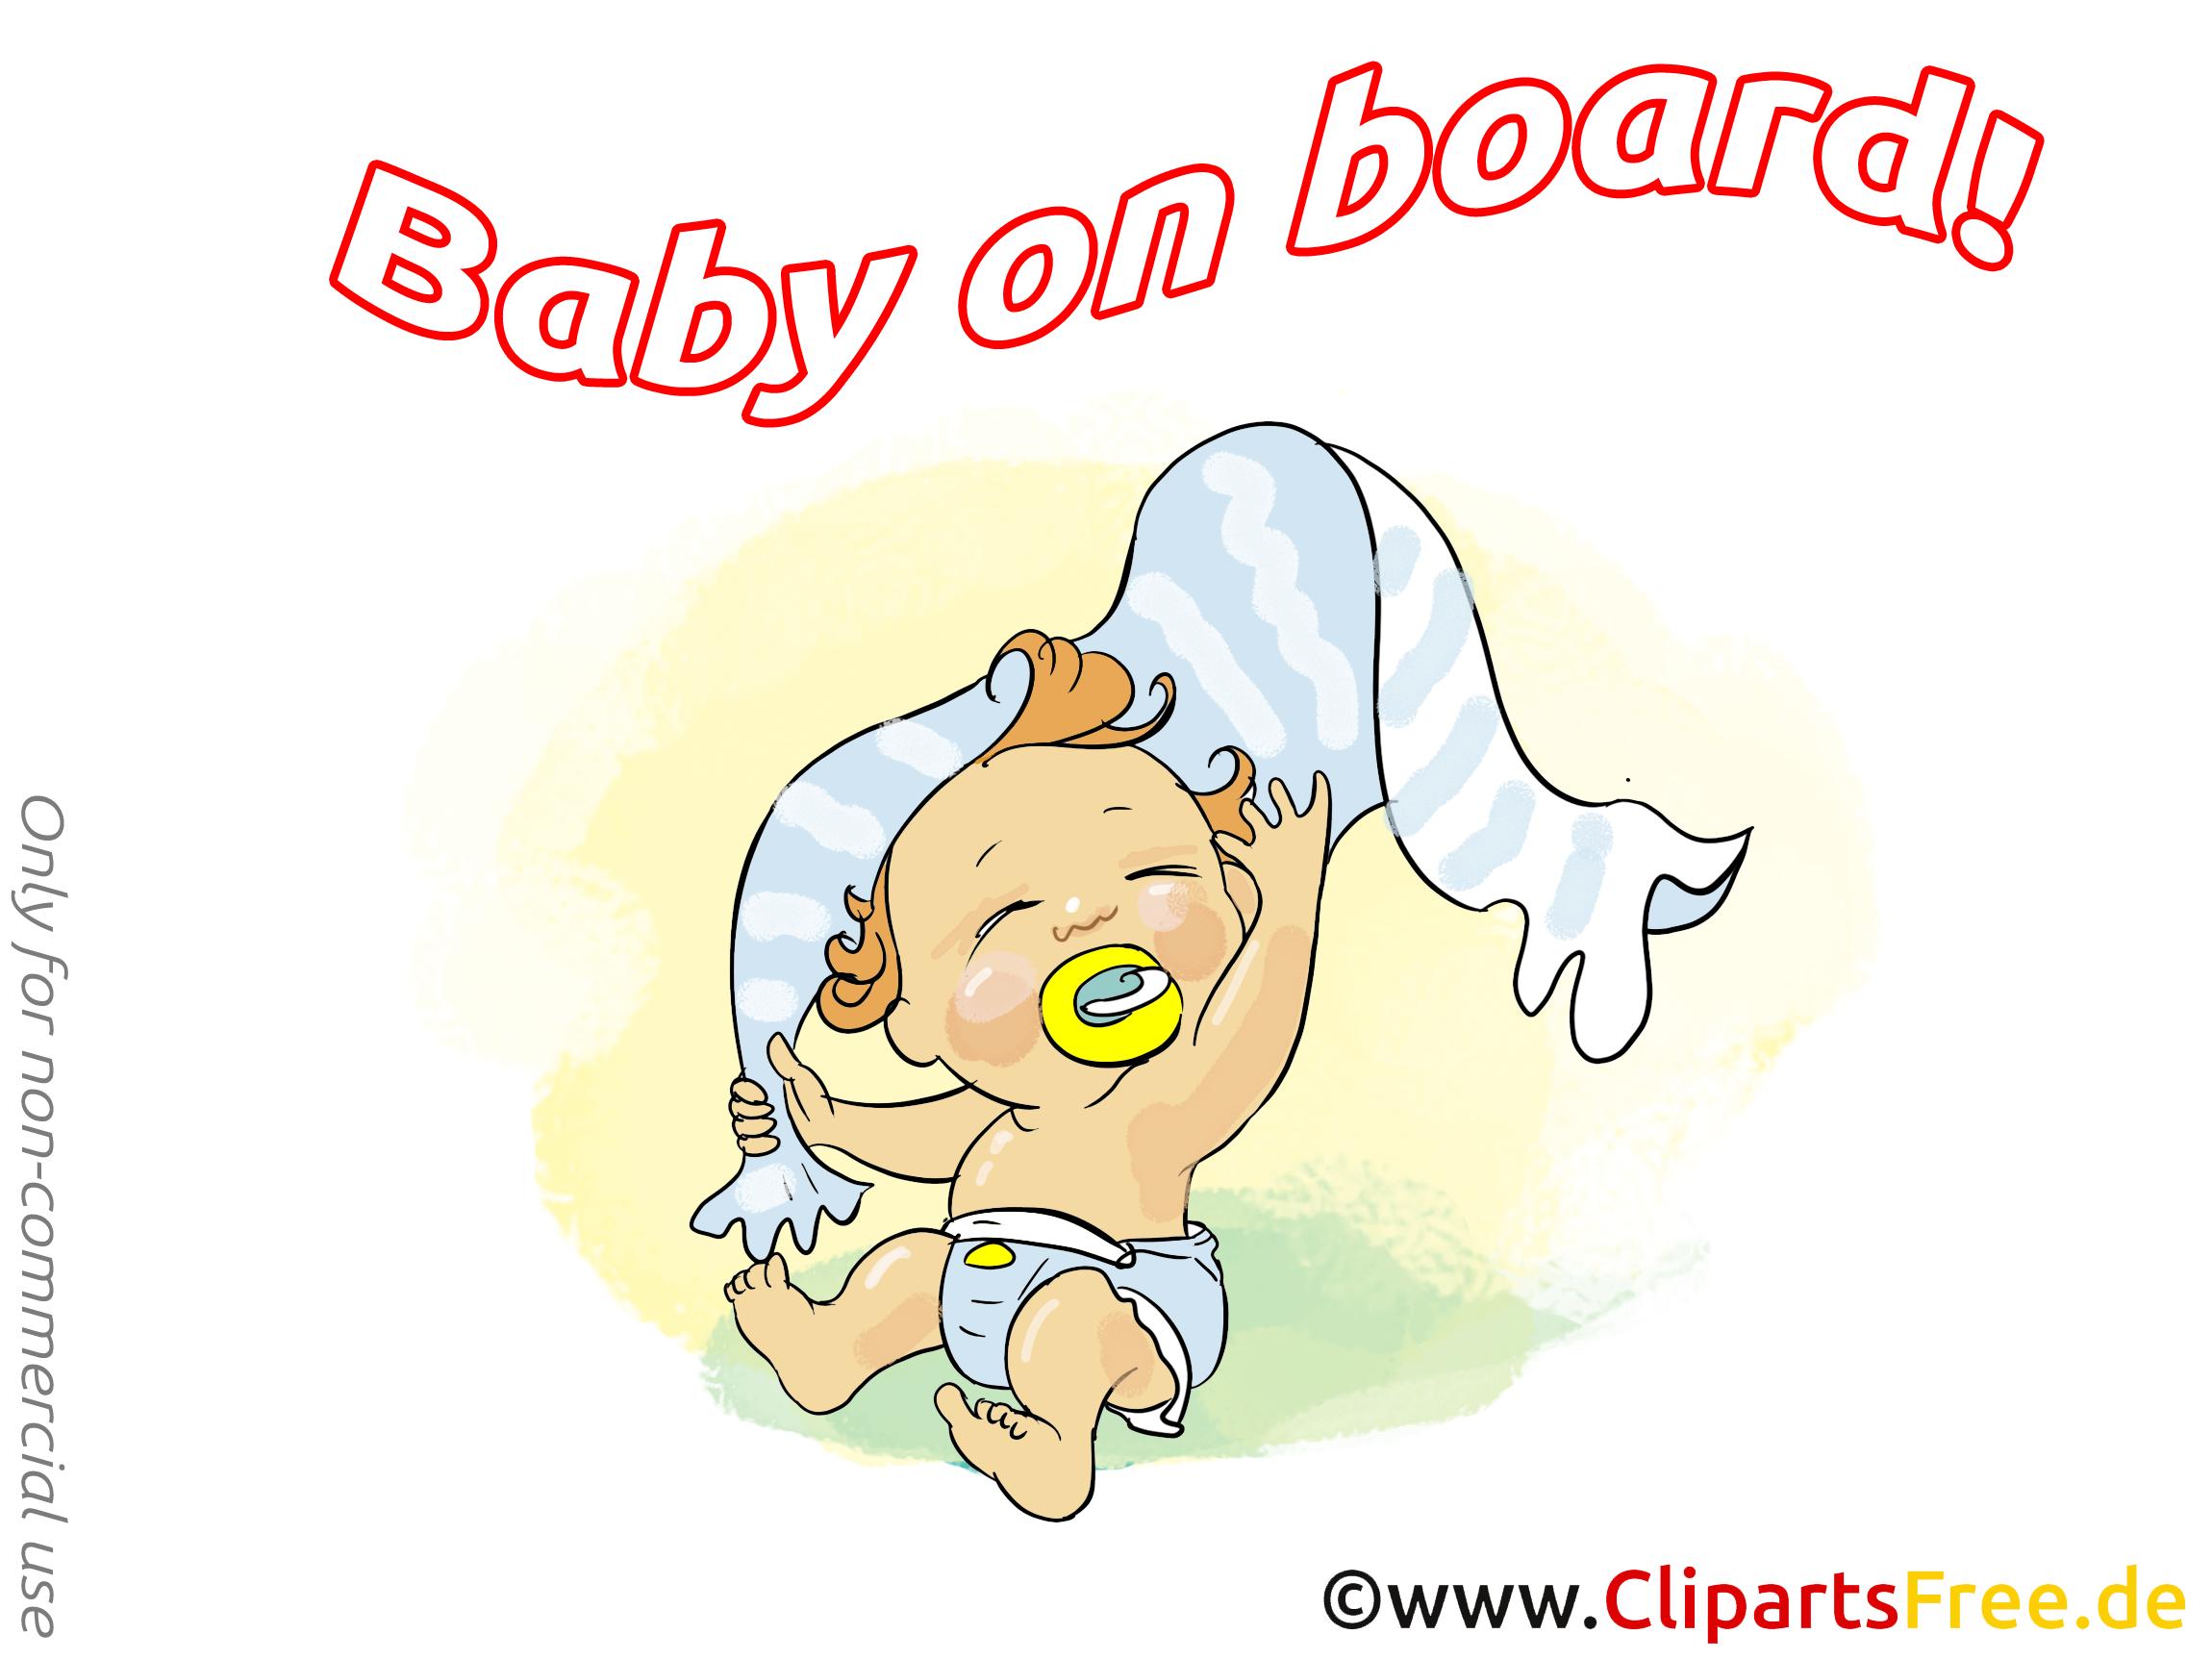 Serviette clip art gratuit – Bébé à bord images